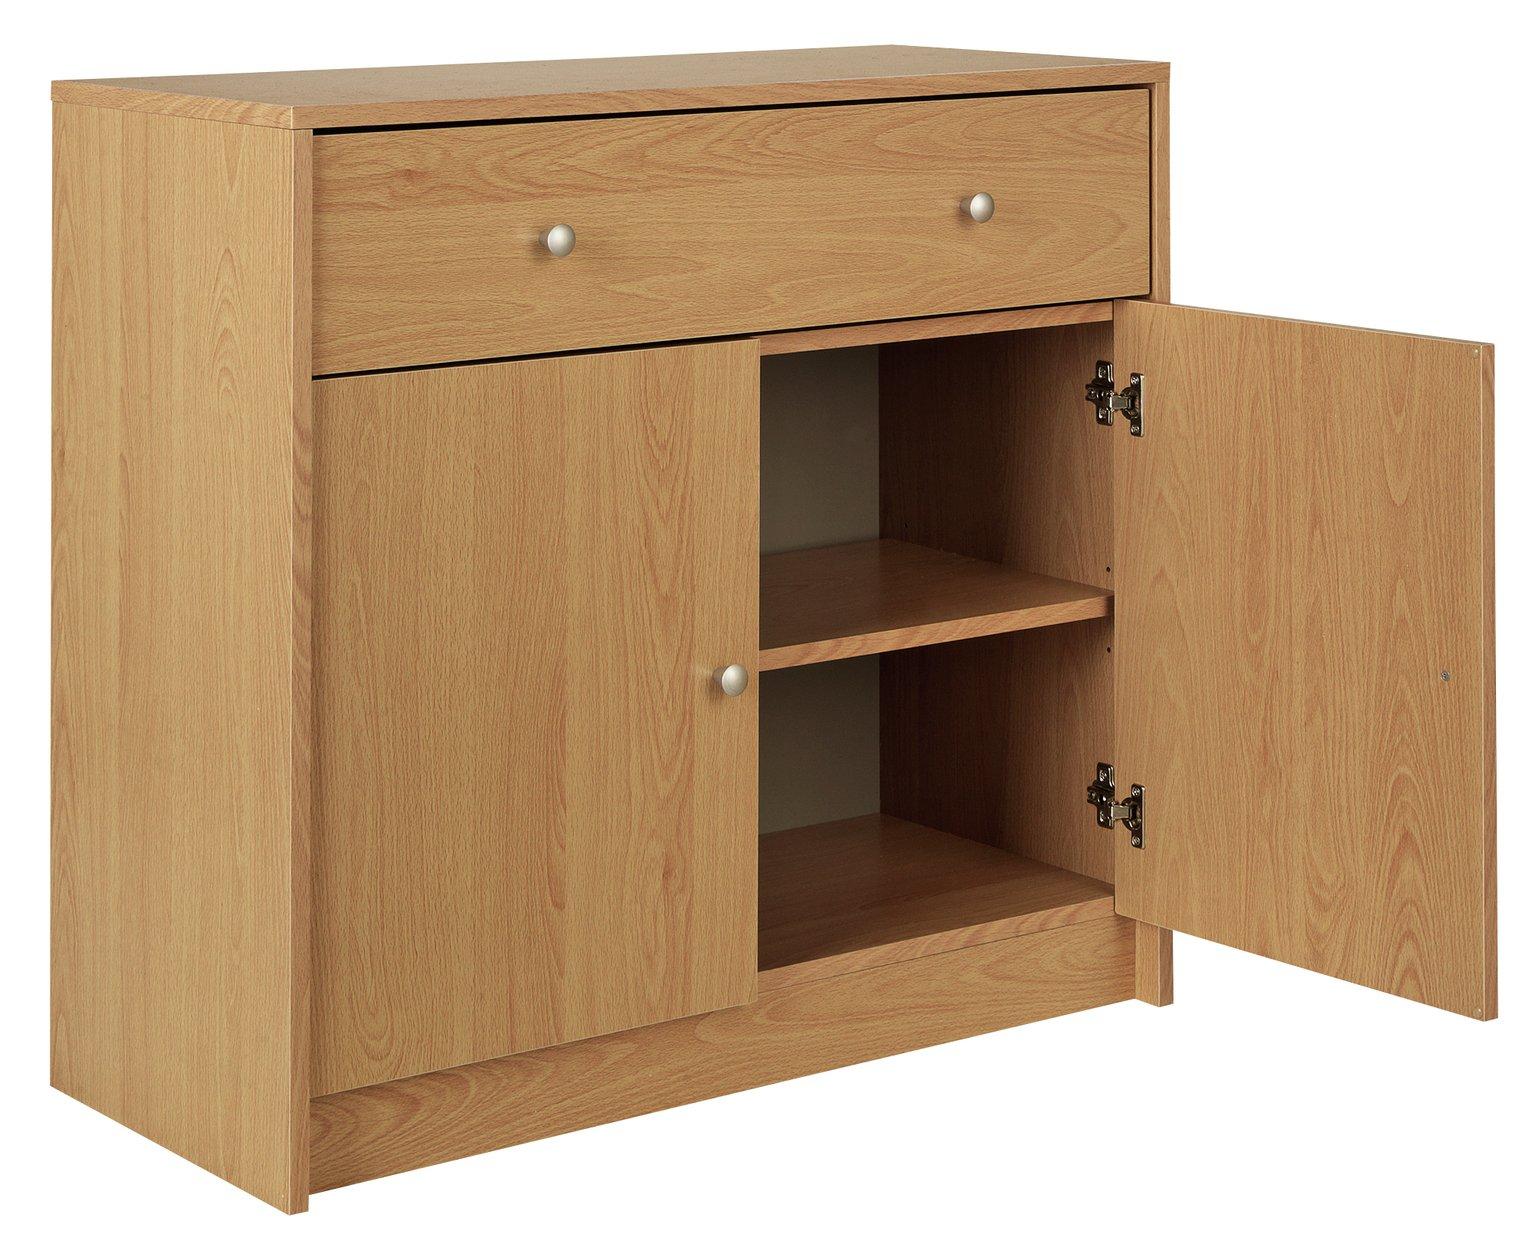 Argos Home Maine 2 Door 1 Drawer Sideboard - Beech Effect - £43.33 @ Argos